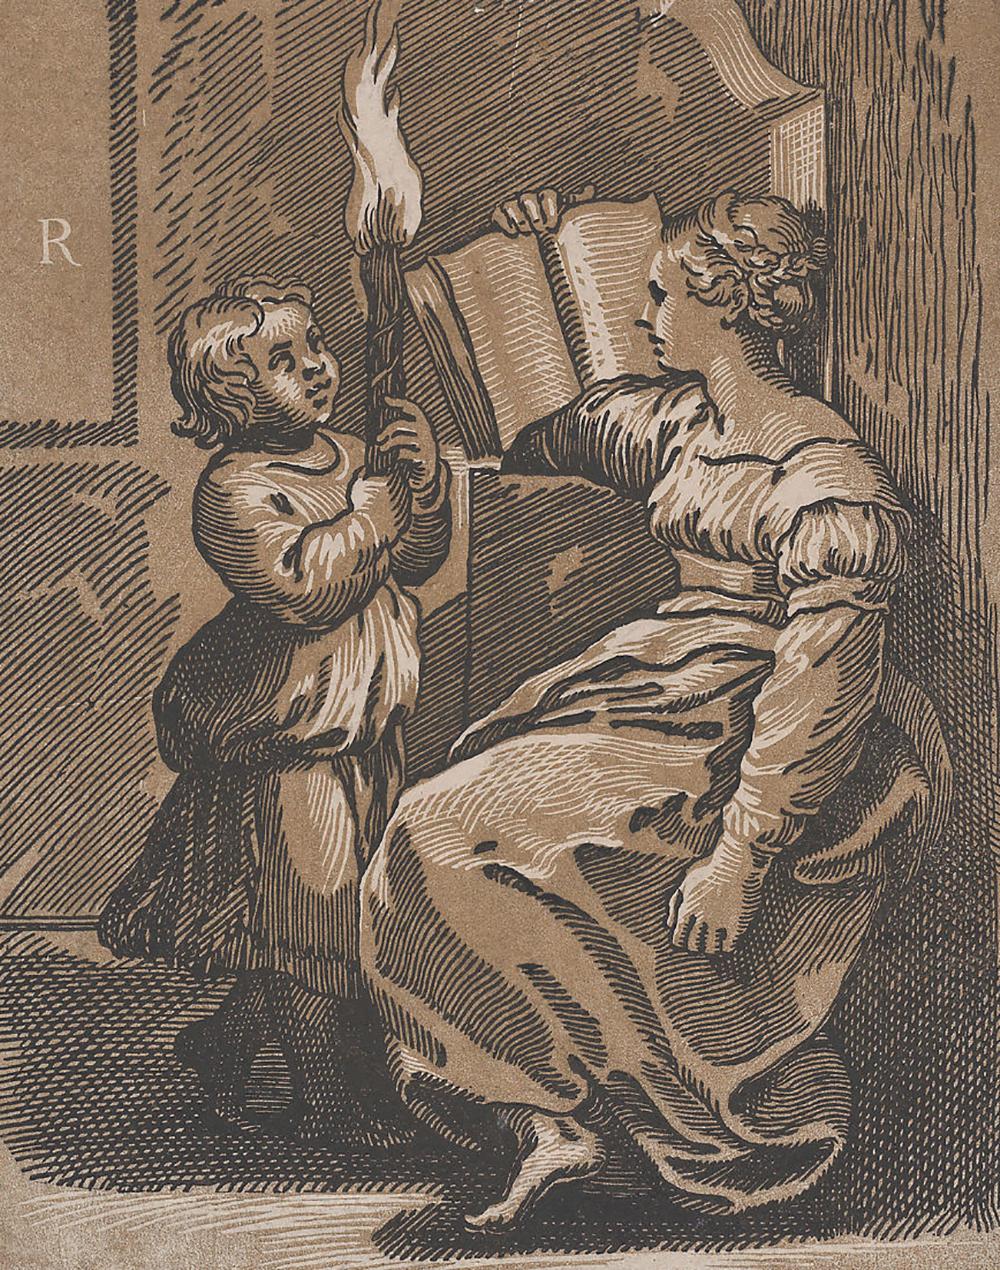 A Sibyl Reading a Book, attributed to Ugo da Carpi, c. 1518.